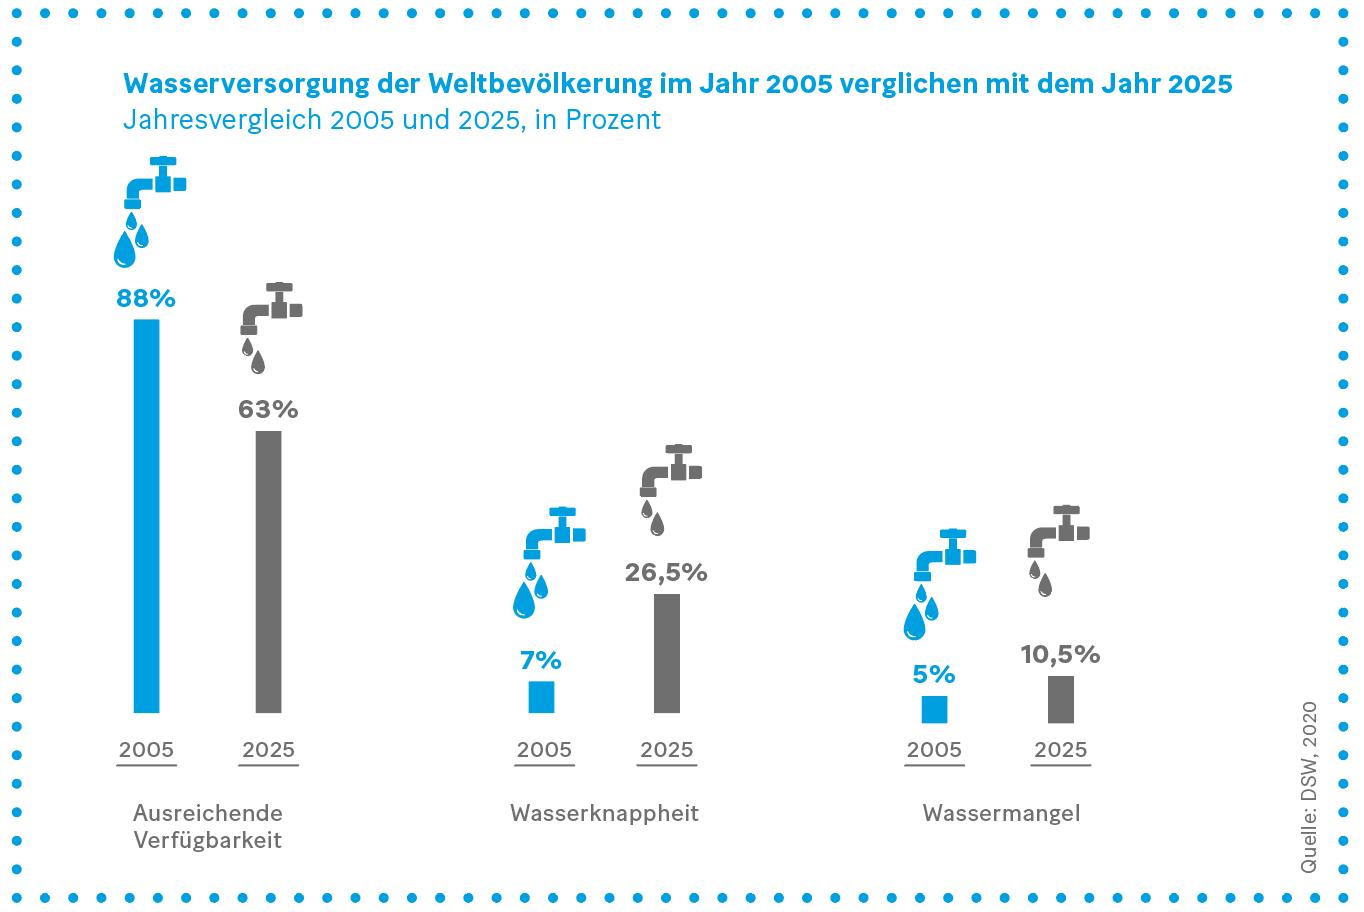 Grafik: Wasserversorgung der Weltbevölkerung im Jahr 2005 verglichen mit dem Jahr 2025